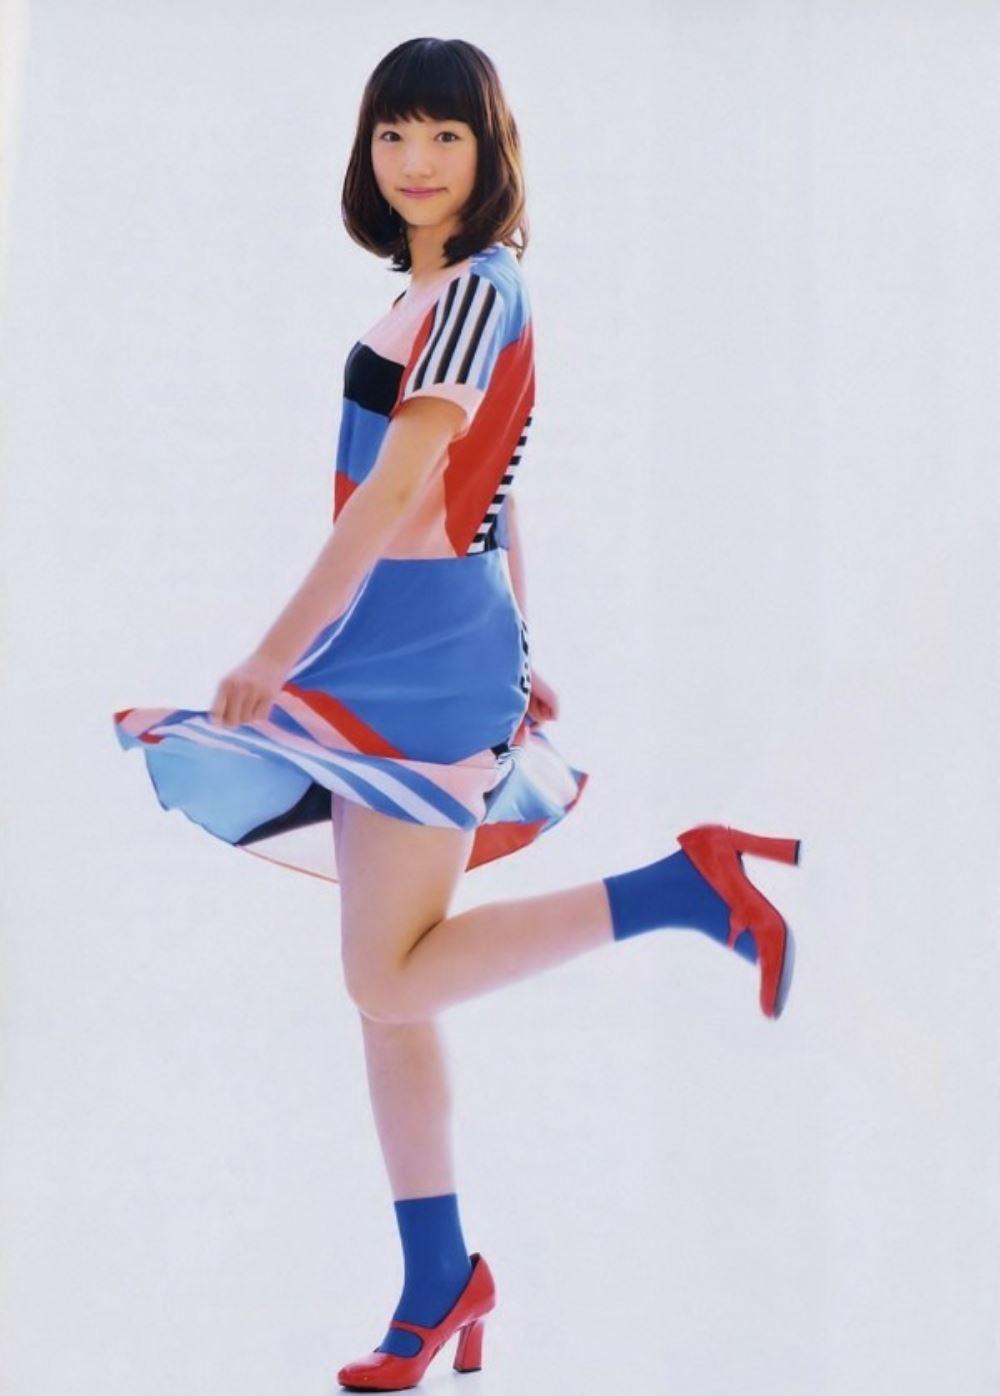 太田夢莉 1万年に1人 可愛い アイドル 水着 画像 10